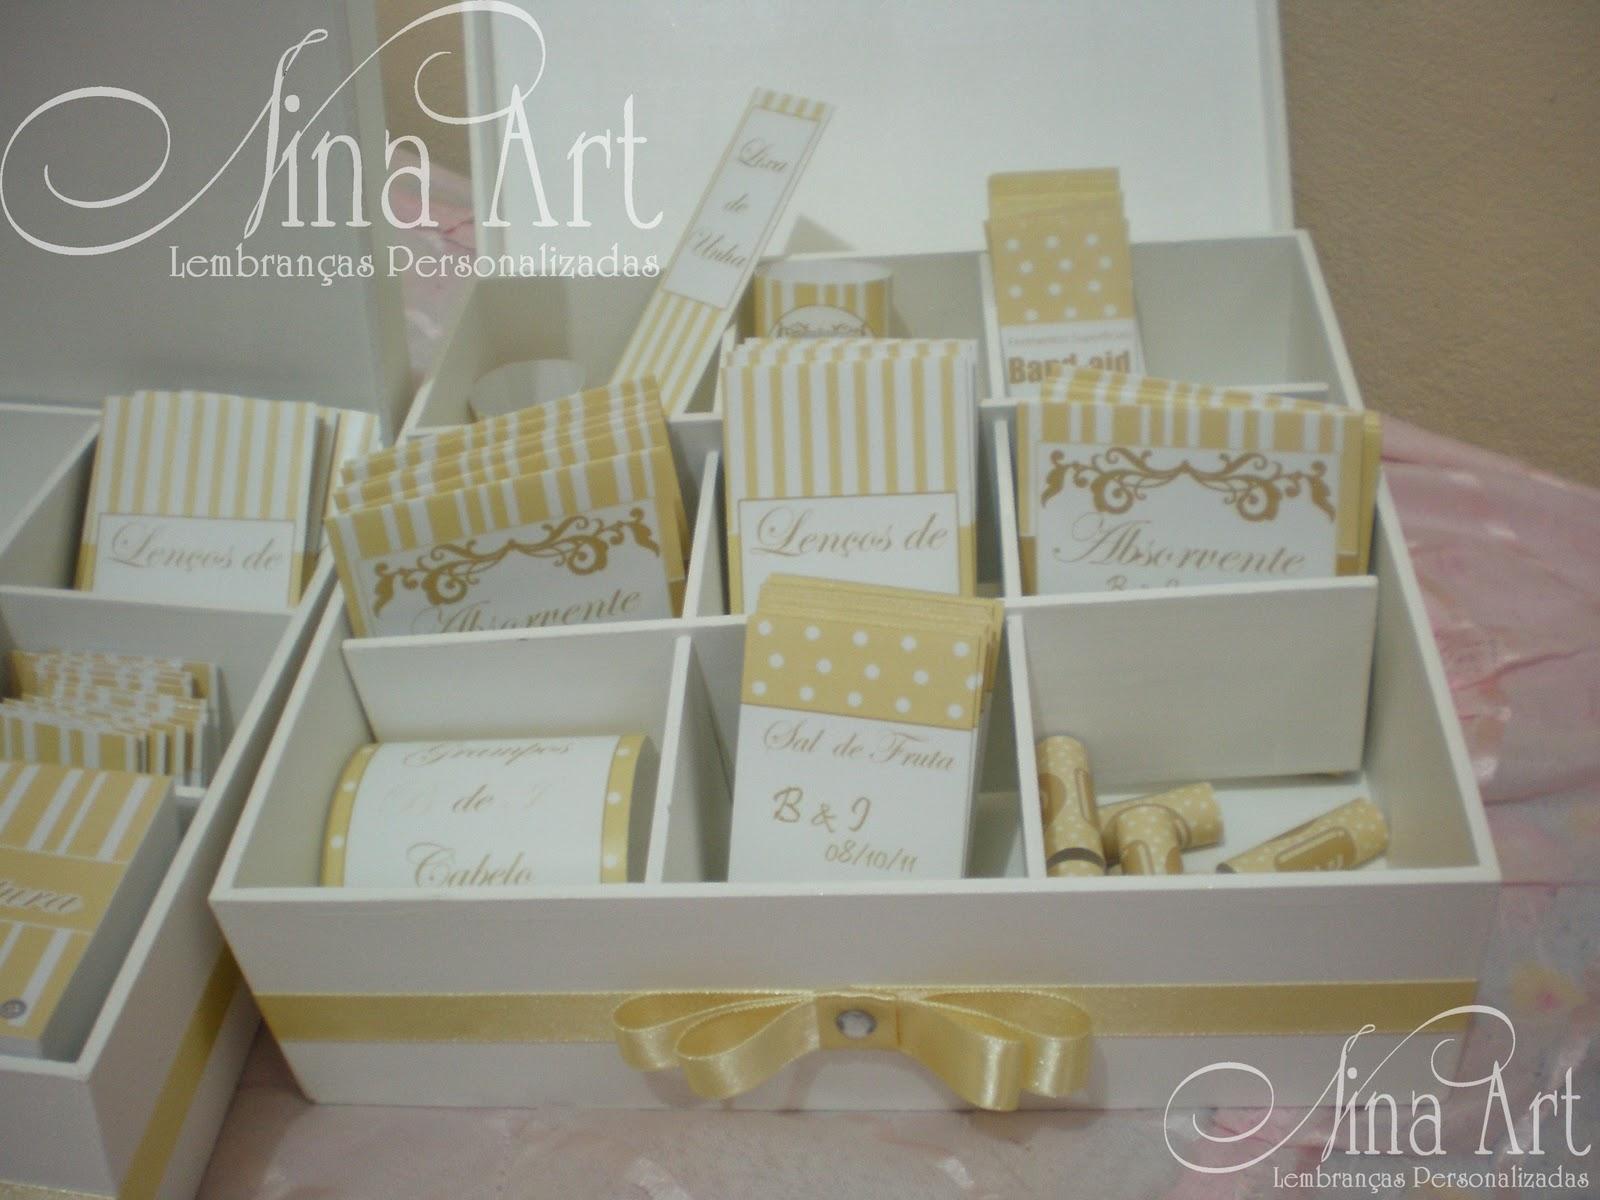 Nina Art Lembranças Personalizadas: Kit Toalete para Casamento #7B6E49 1600 1200